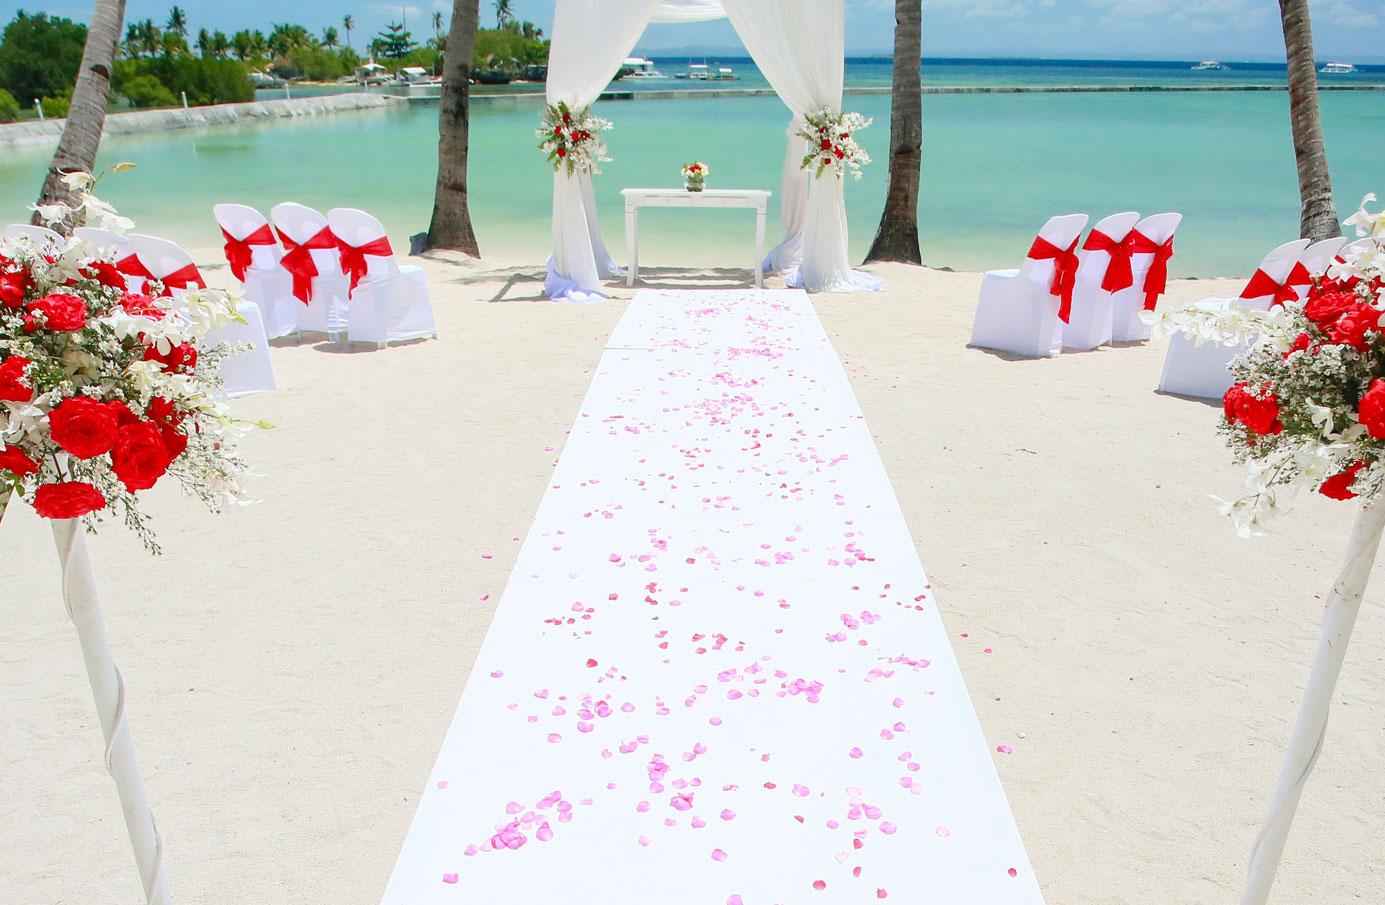 beachweddingdecoration7